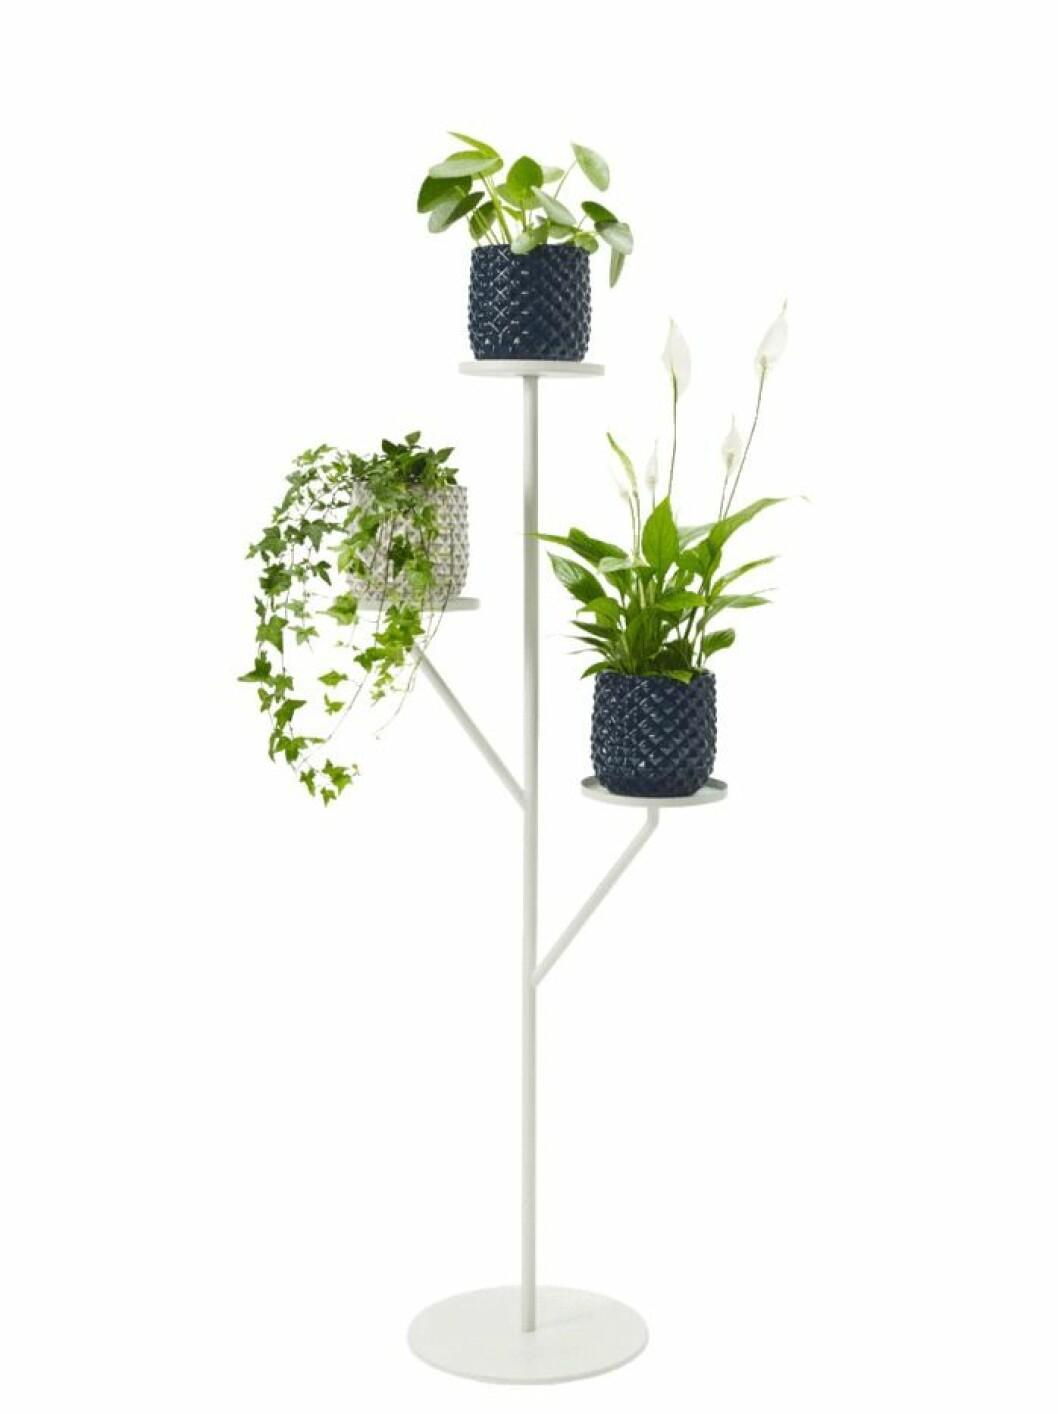 Fin piedestal som ger växterna ett extra lyft